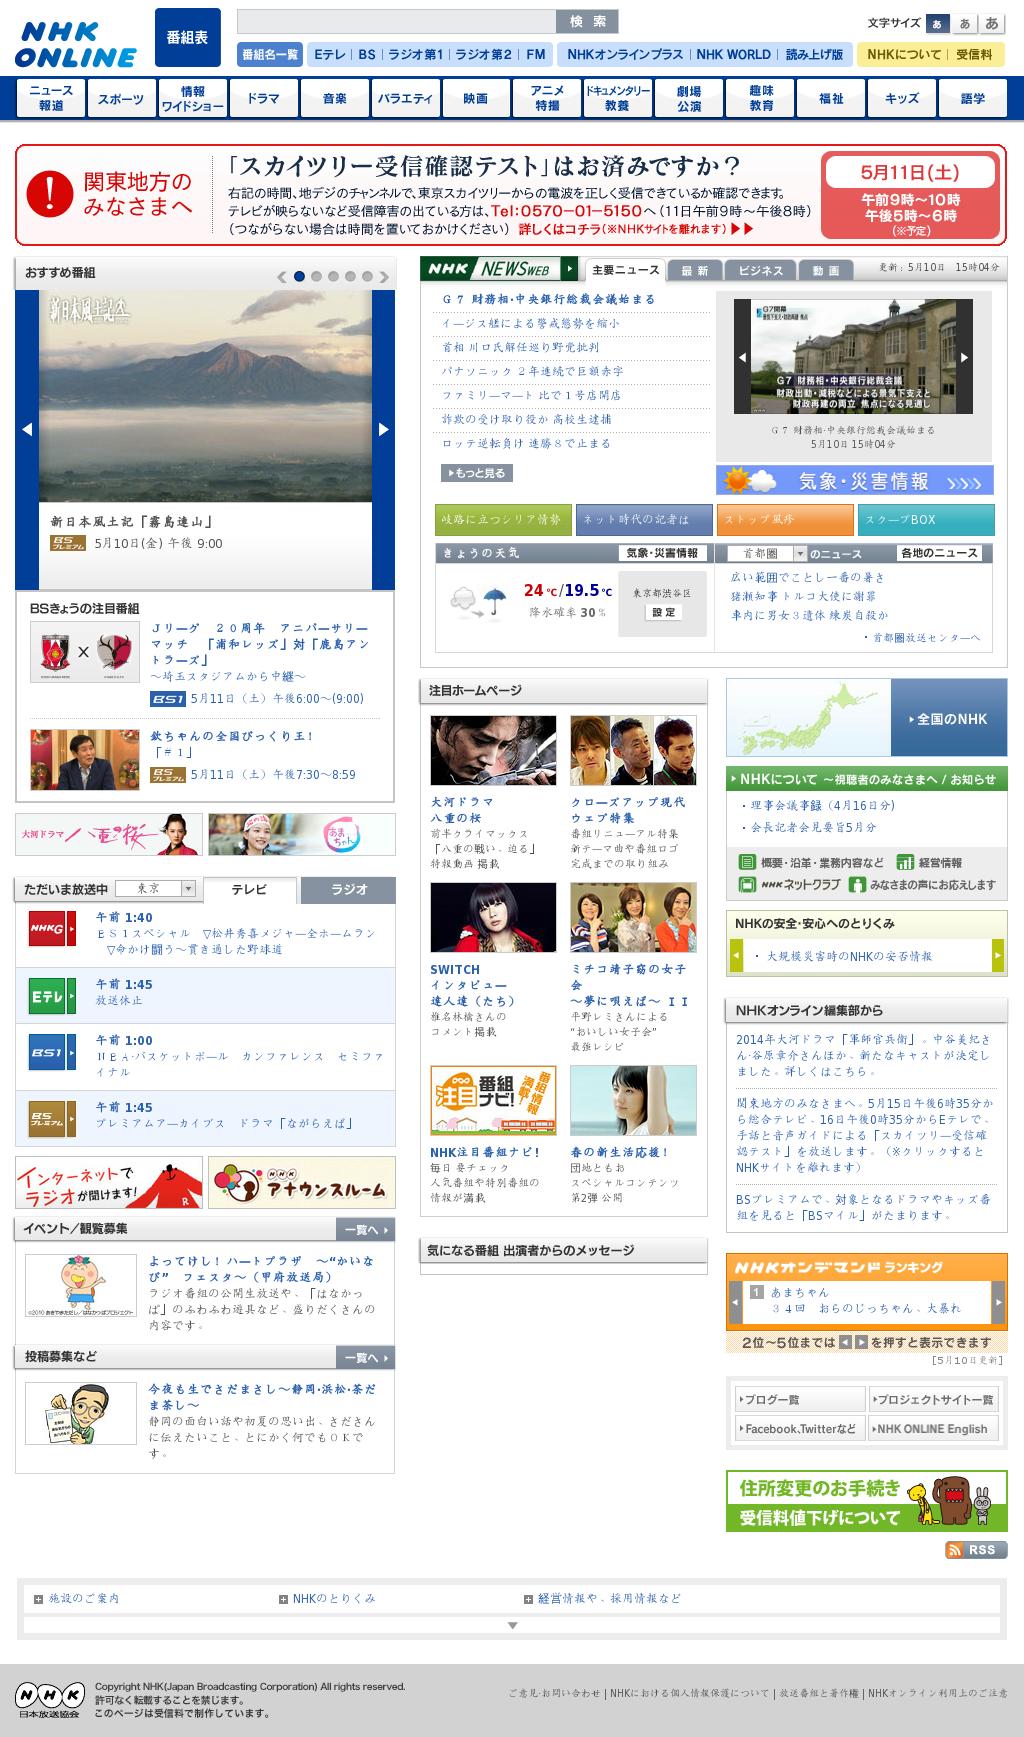 NHK Online at Friday May 10, 2013, 5:19 p.m. UTC